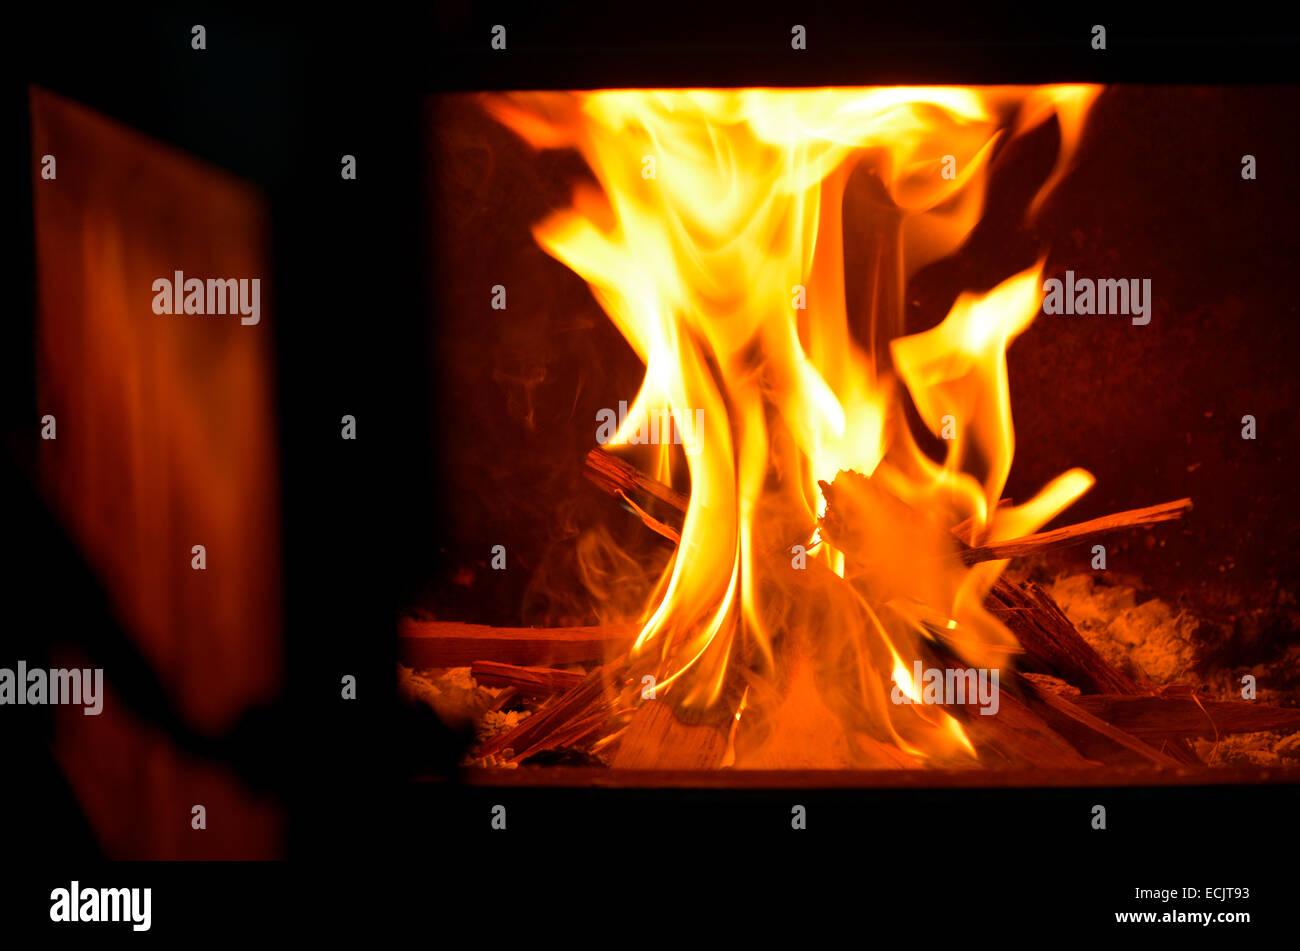 Ein Offener Kamin Tür Mit Warmen Feuer Flamme Bei Einem Kalten Wintertag.  Stockbild